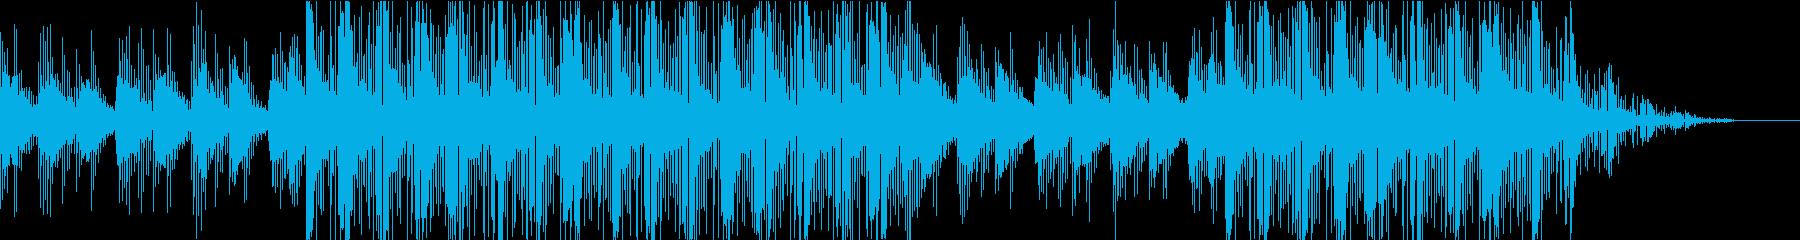 妖しく儚いチルウェイブの再生済みの波形